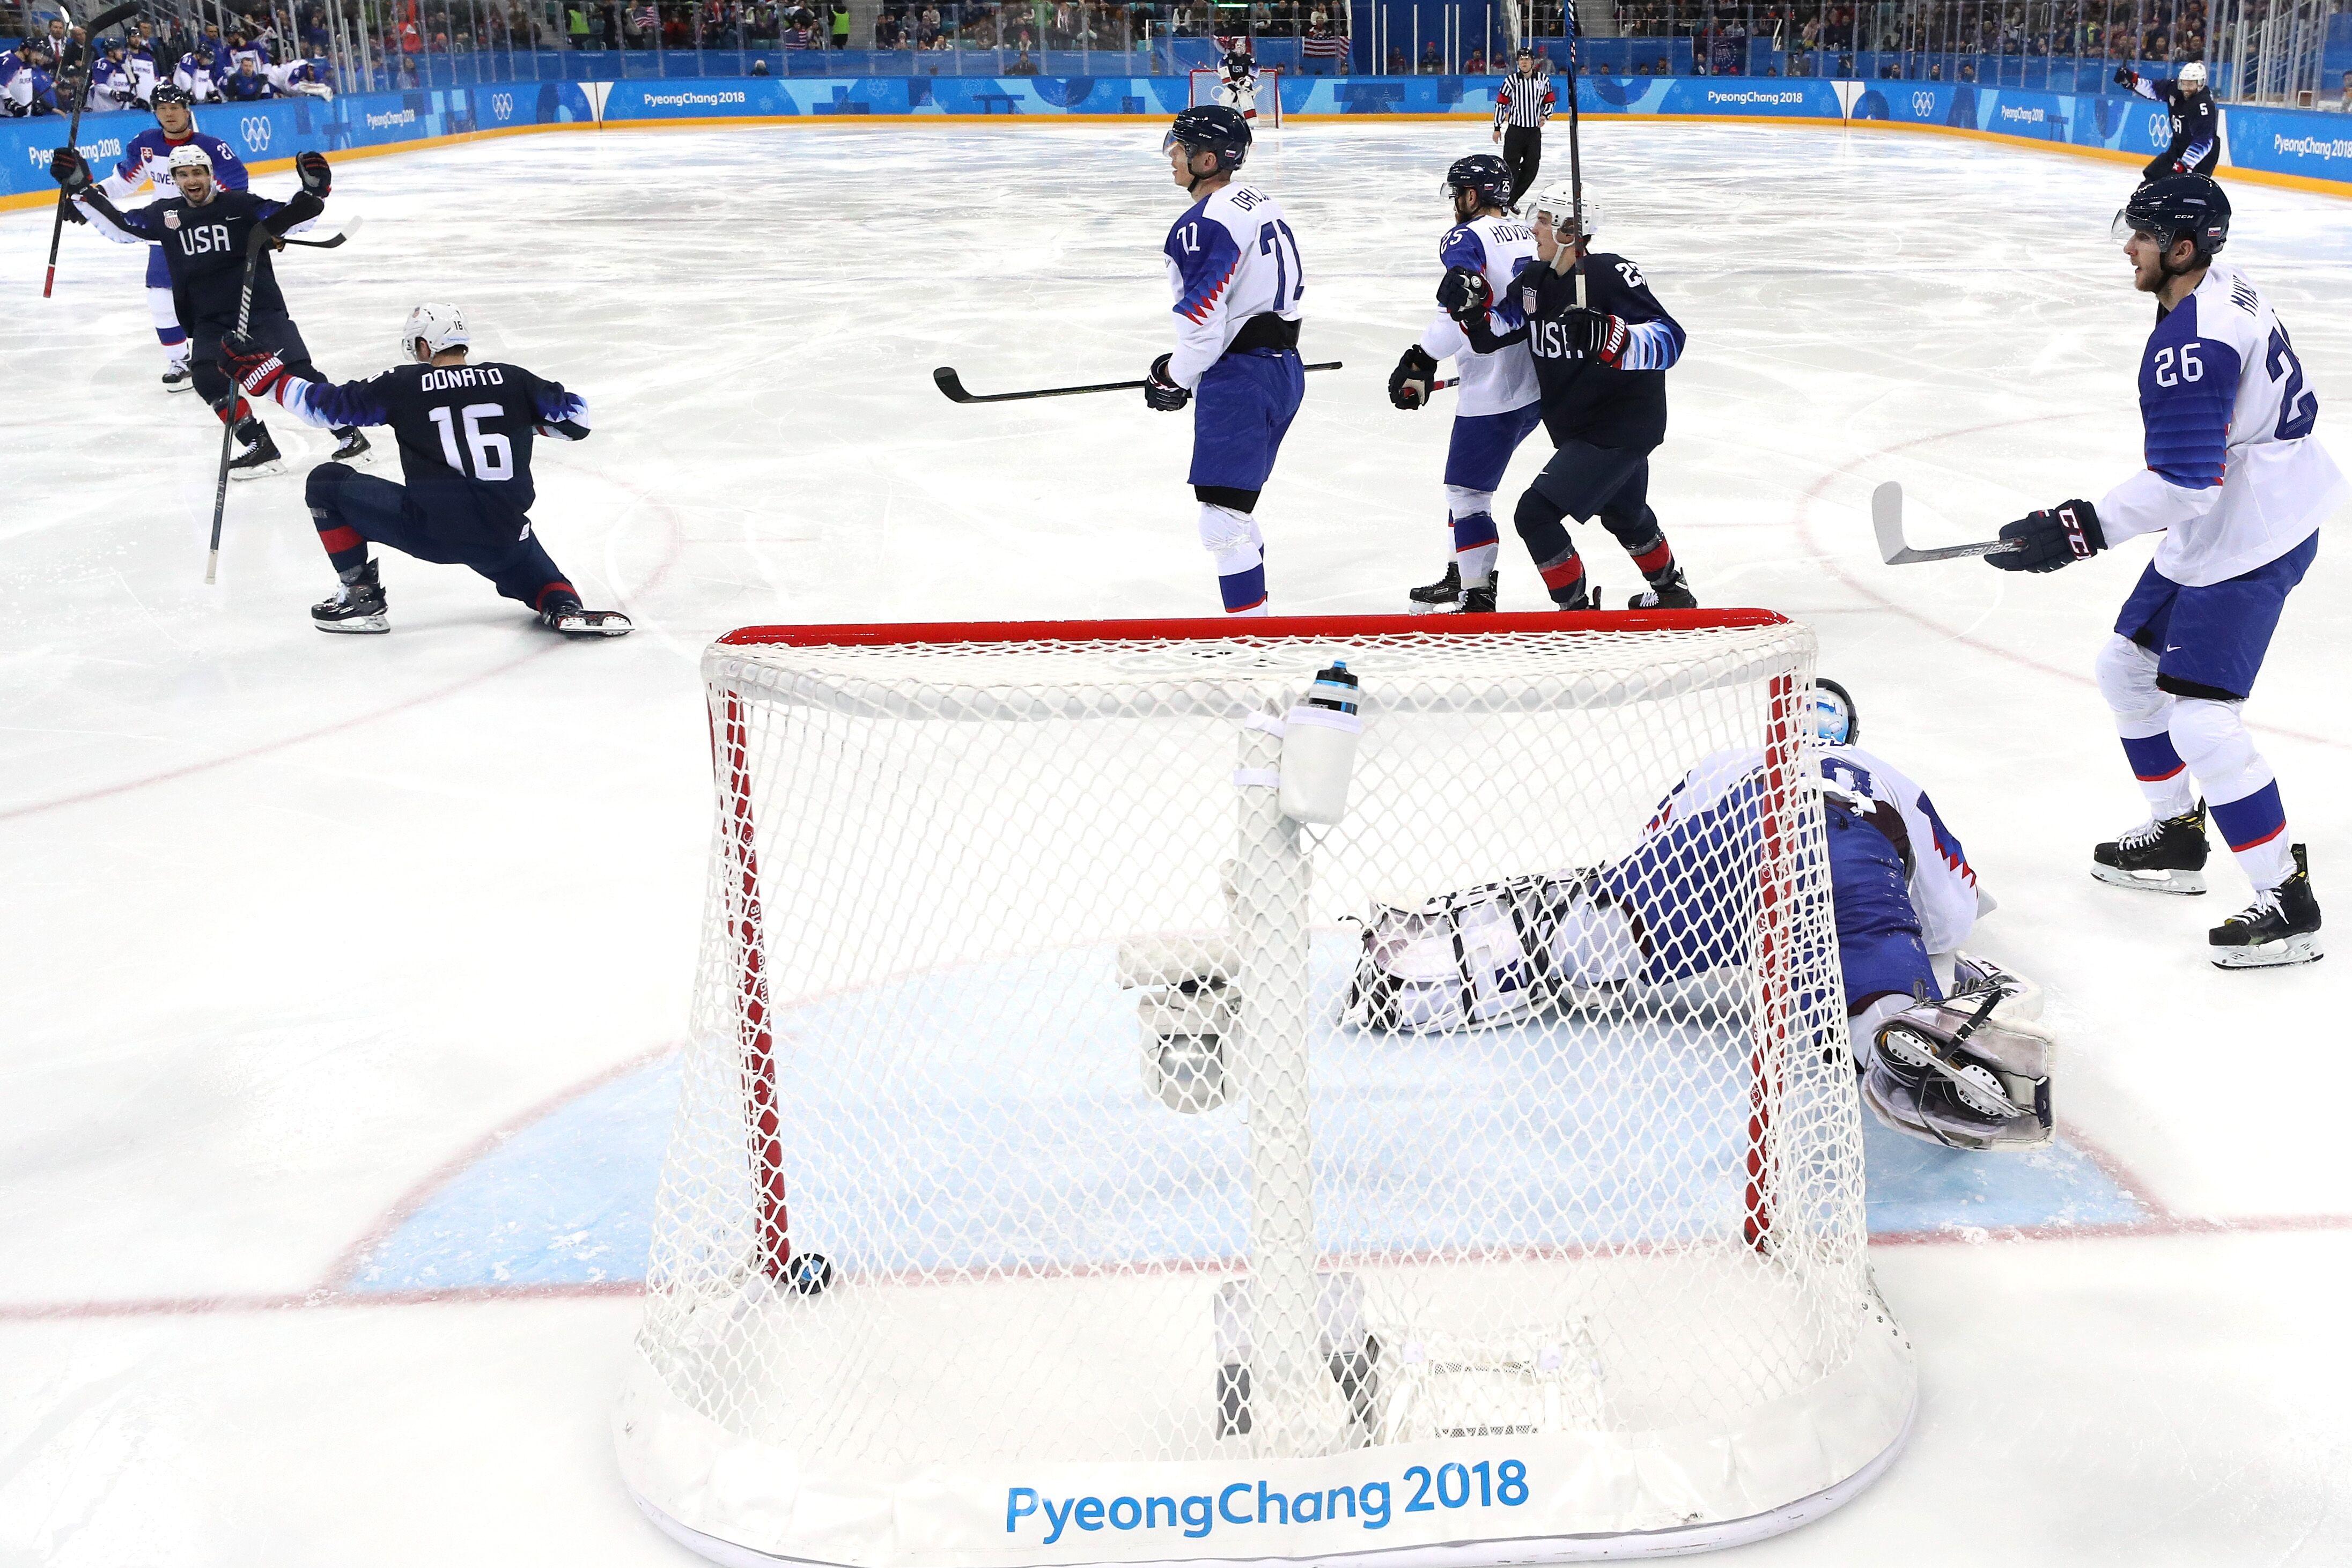 921059312-ice-hockey-winter-olympics-day-11.jpg